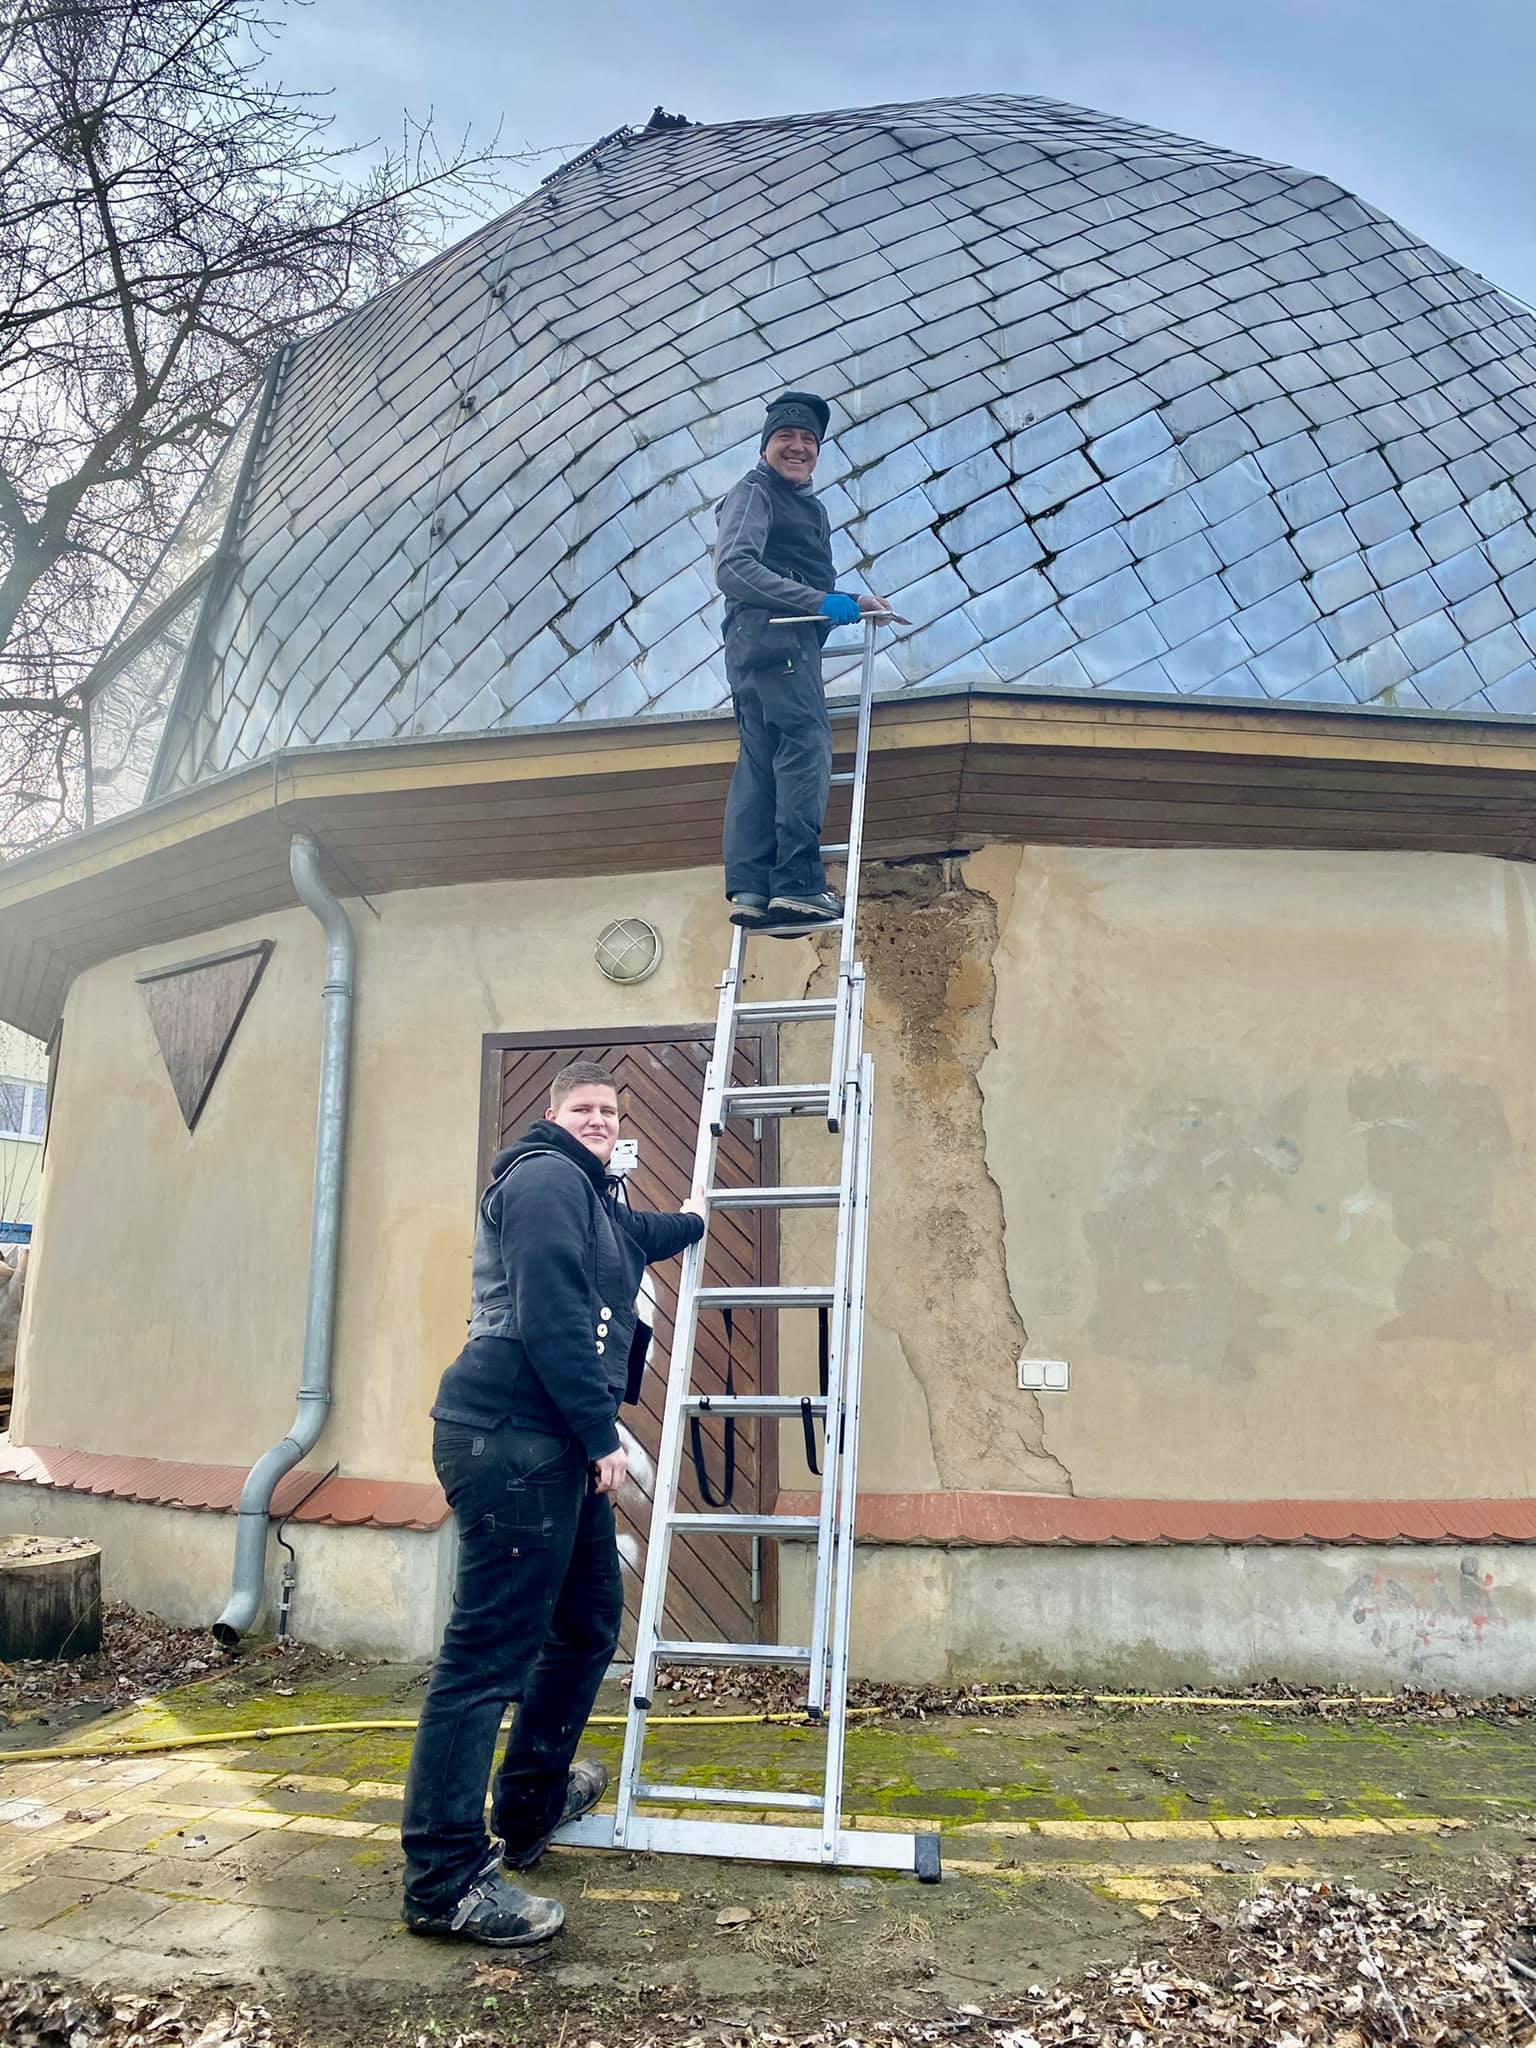 Dachdecker Jens Towara (52) und seine Kollegin Melanie Kulicke (25) stiegen dem Alpha II aufs Dach. © Spielplatzinitiatve Marzahn